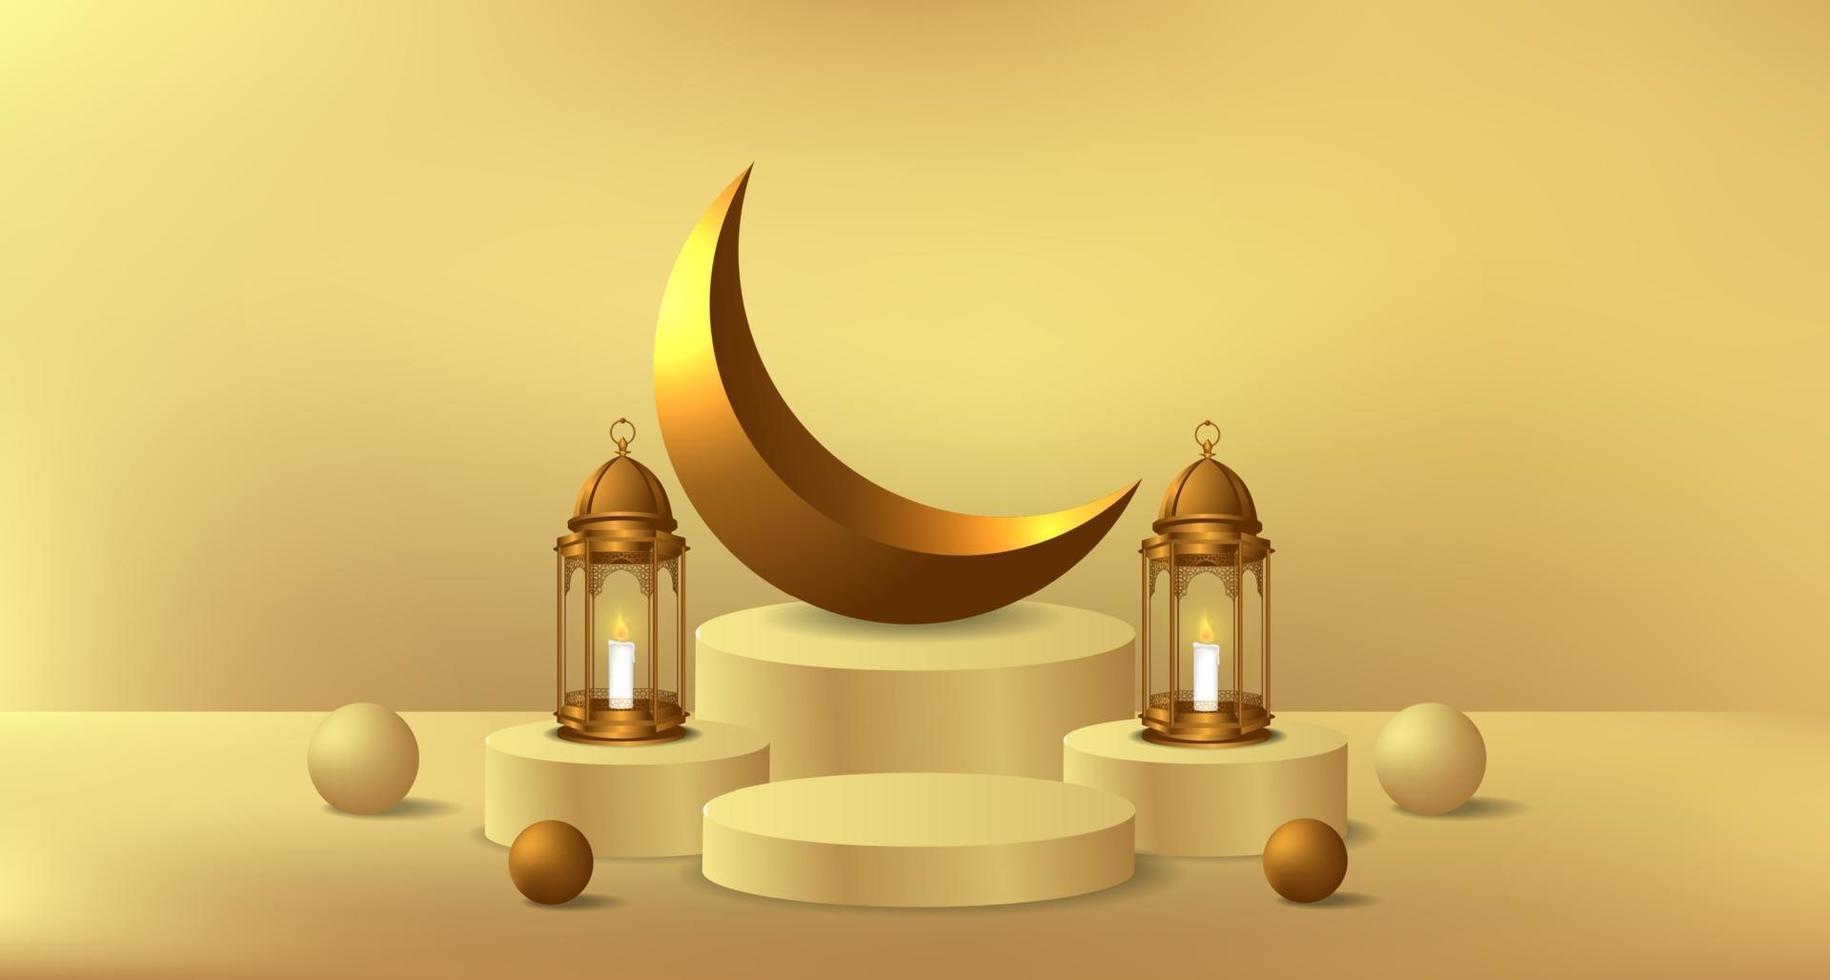 ramadan islamitische gebeurtenis met gouden lantaarn en cilinderpodium productweergavesjabloon vector